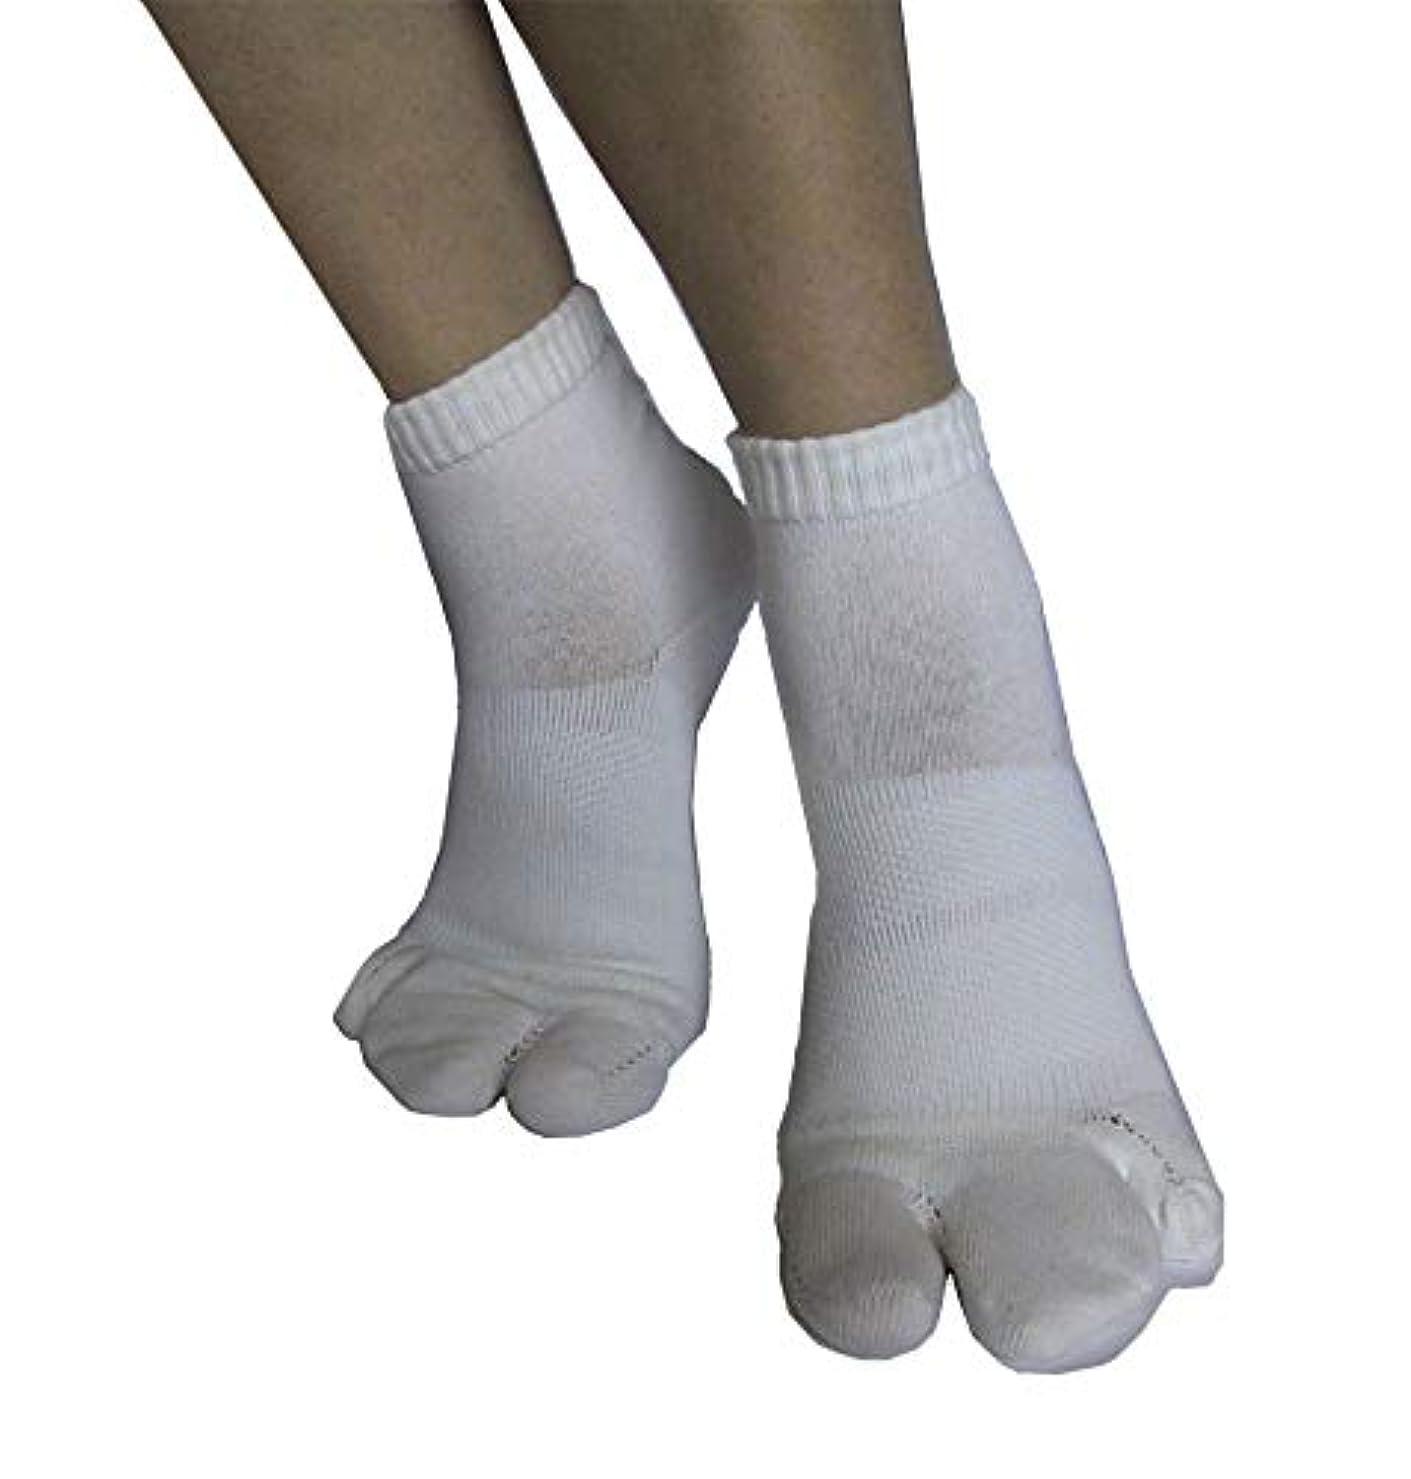 ズーム雷雨違法カサハラ式サポーター ホソックス3本指テーピング靴下  ホワイト L25-26cm